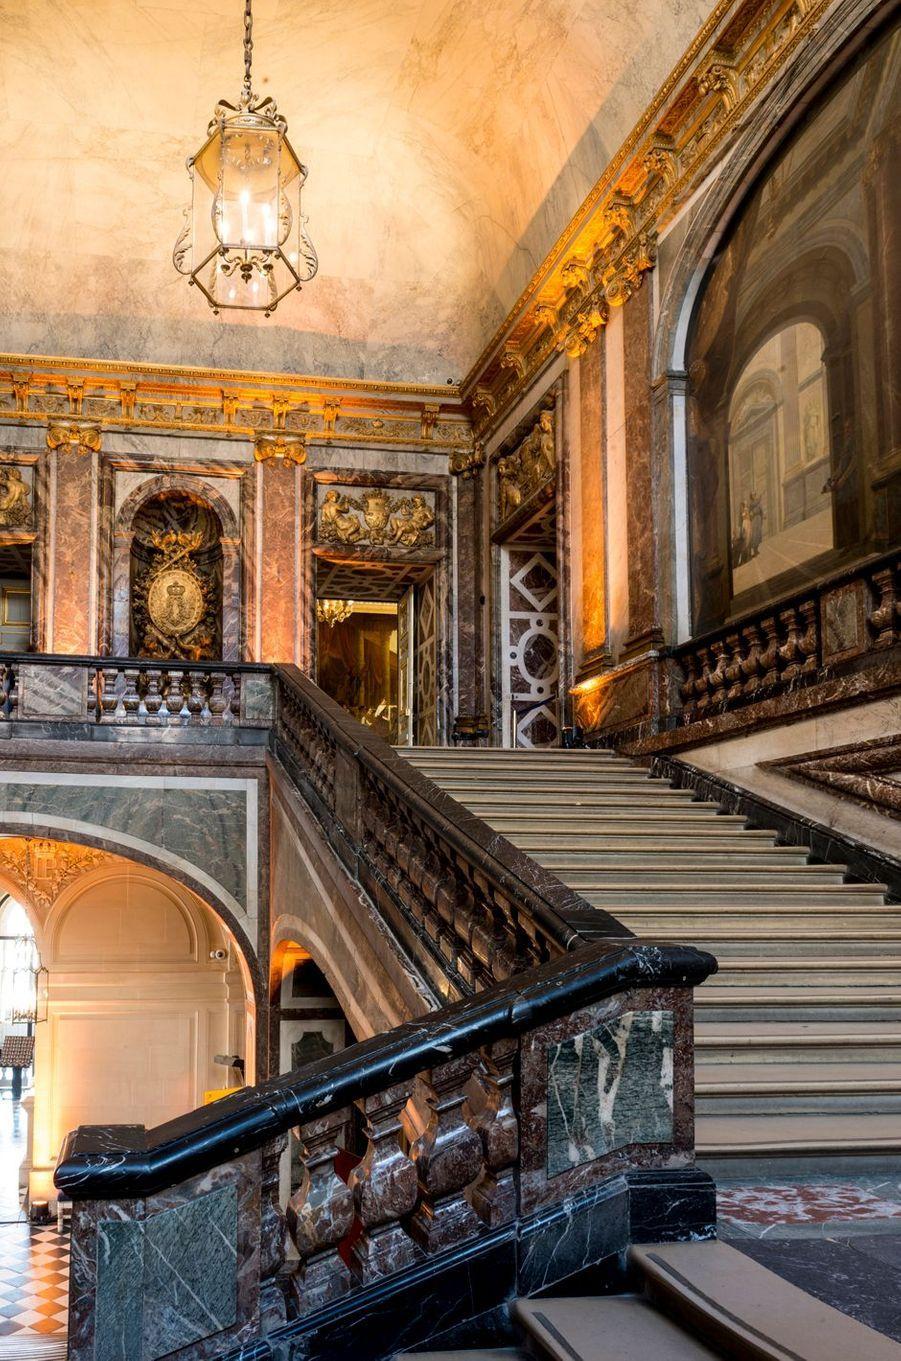 L'escalier donnant accès au Grand Appartement de la Reine au château de Versailles, le 17 avril 2019